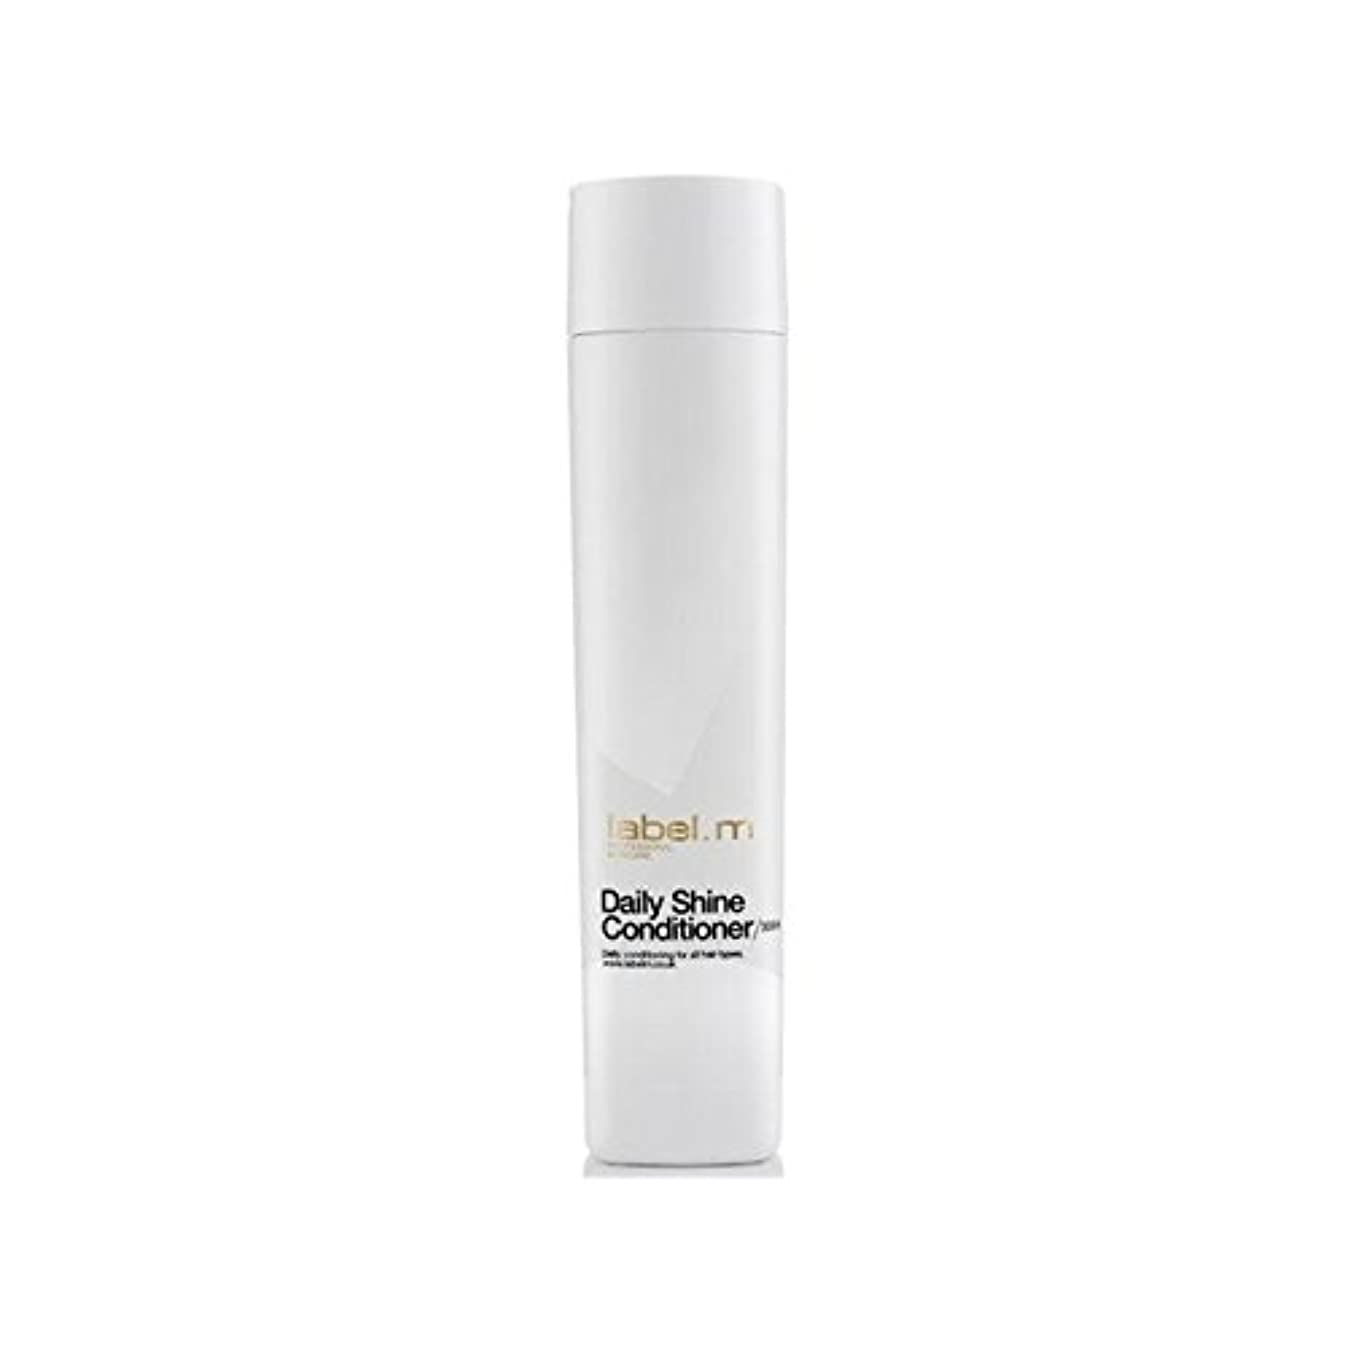 グラスマダム飽和するLabel.M Daily Shine Conditioner (300ml) - .毎日シャインコンディショナー(300ミリリットル) [並行輸入品]